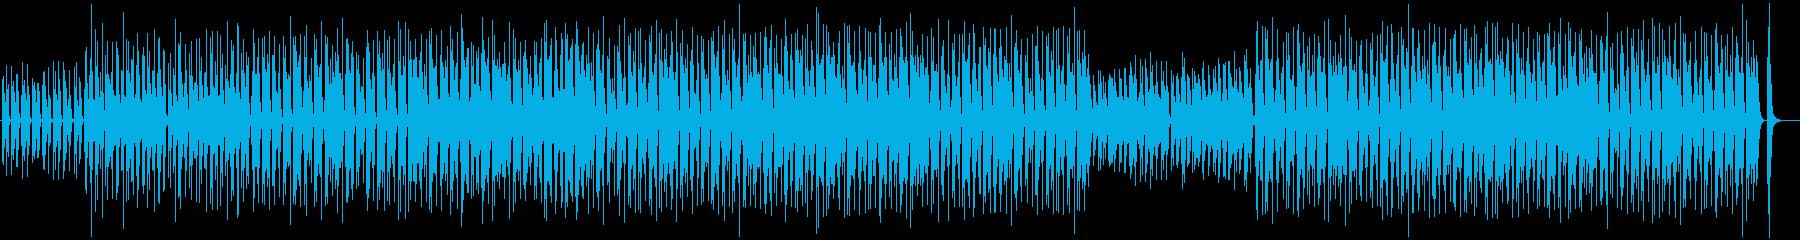 Loose, leisurely, everyday, ukulele's reproduced waveform